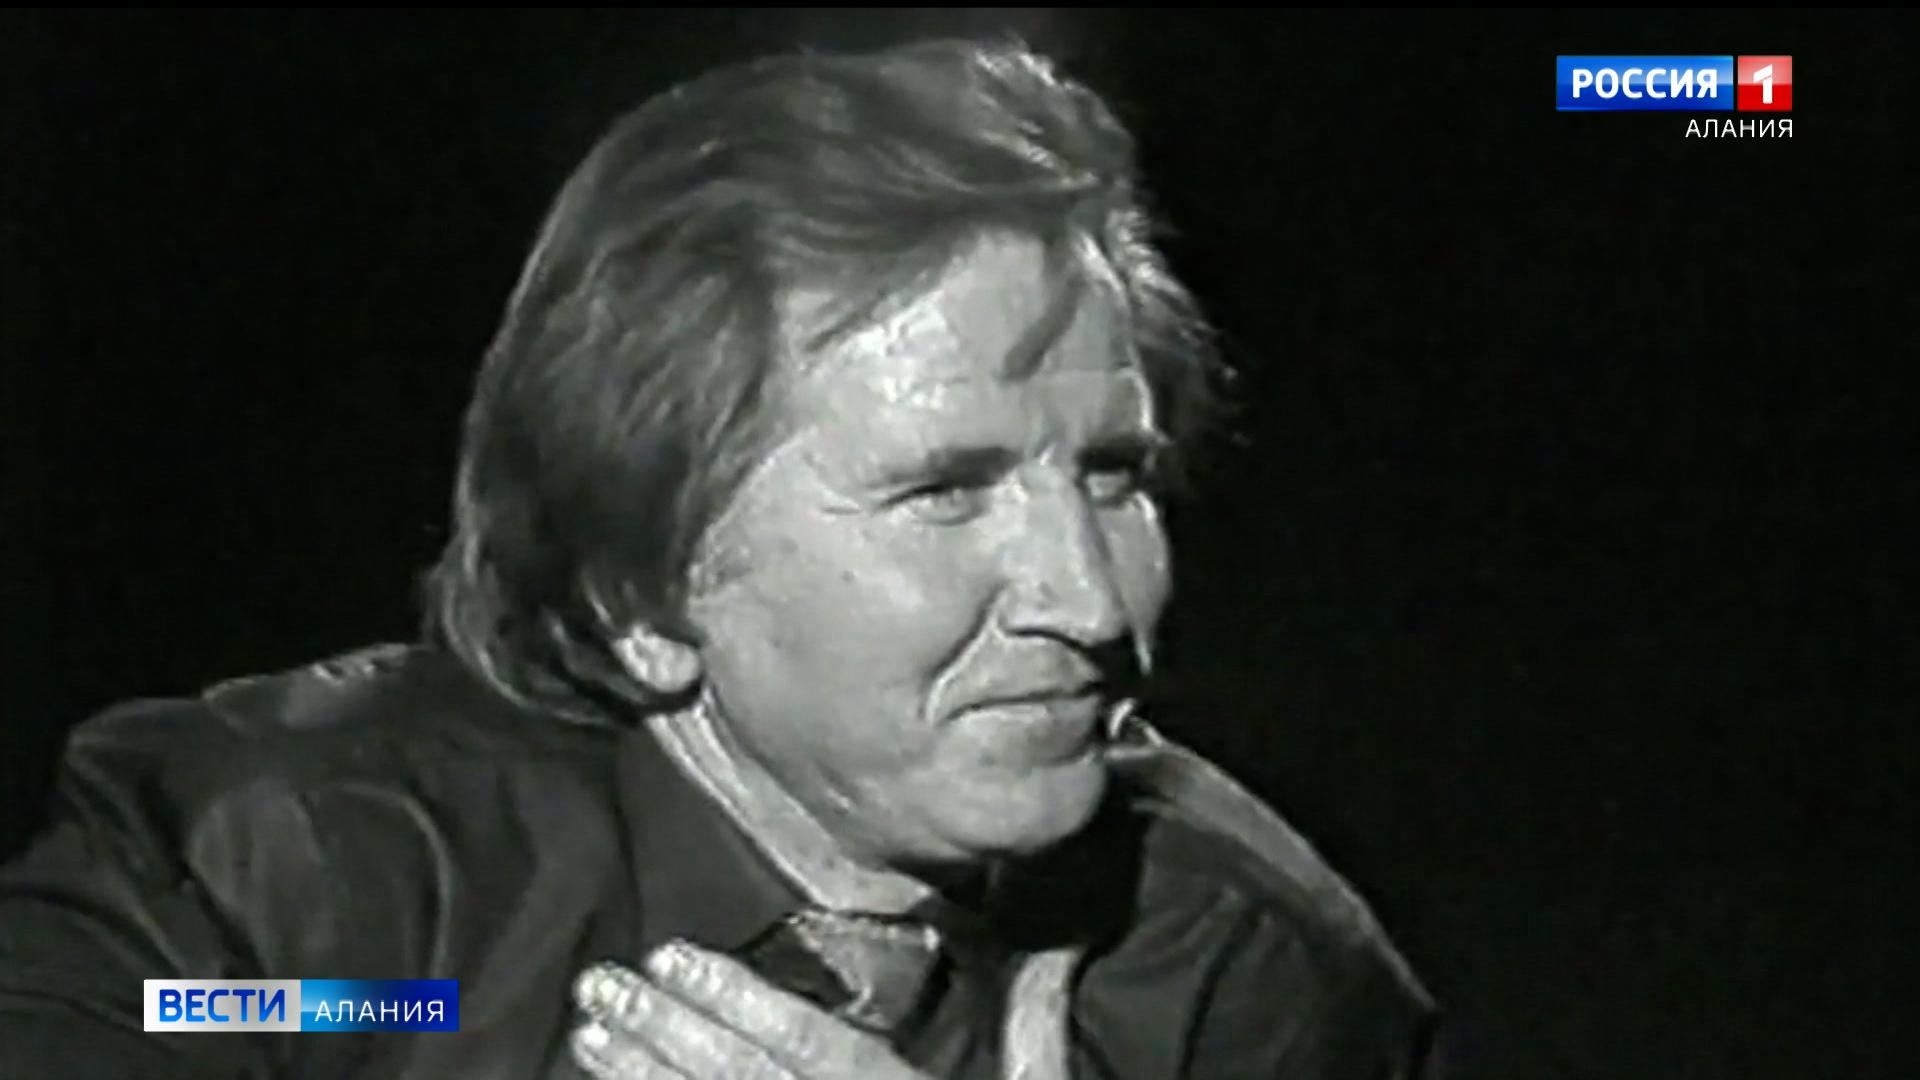 Народному артисту Северной и Южной Осетии Валерию Сагкаеву исполнилось бы 70 лет